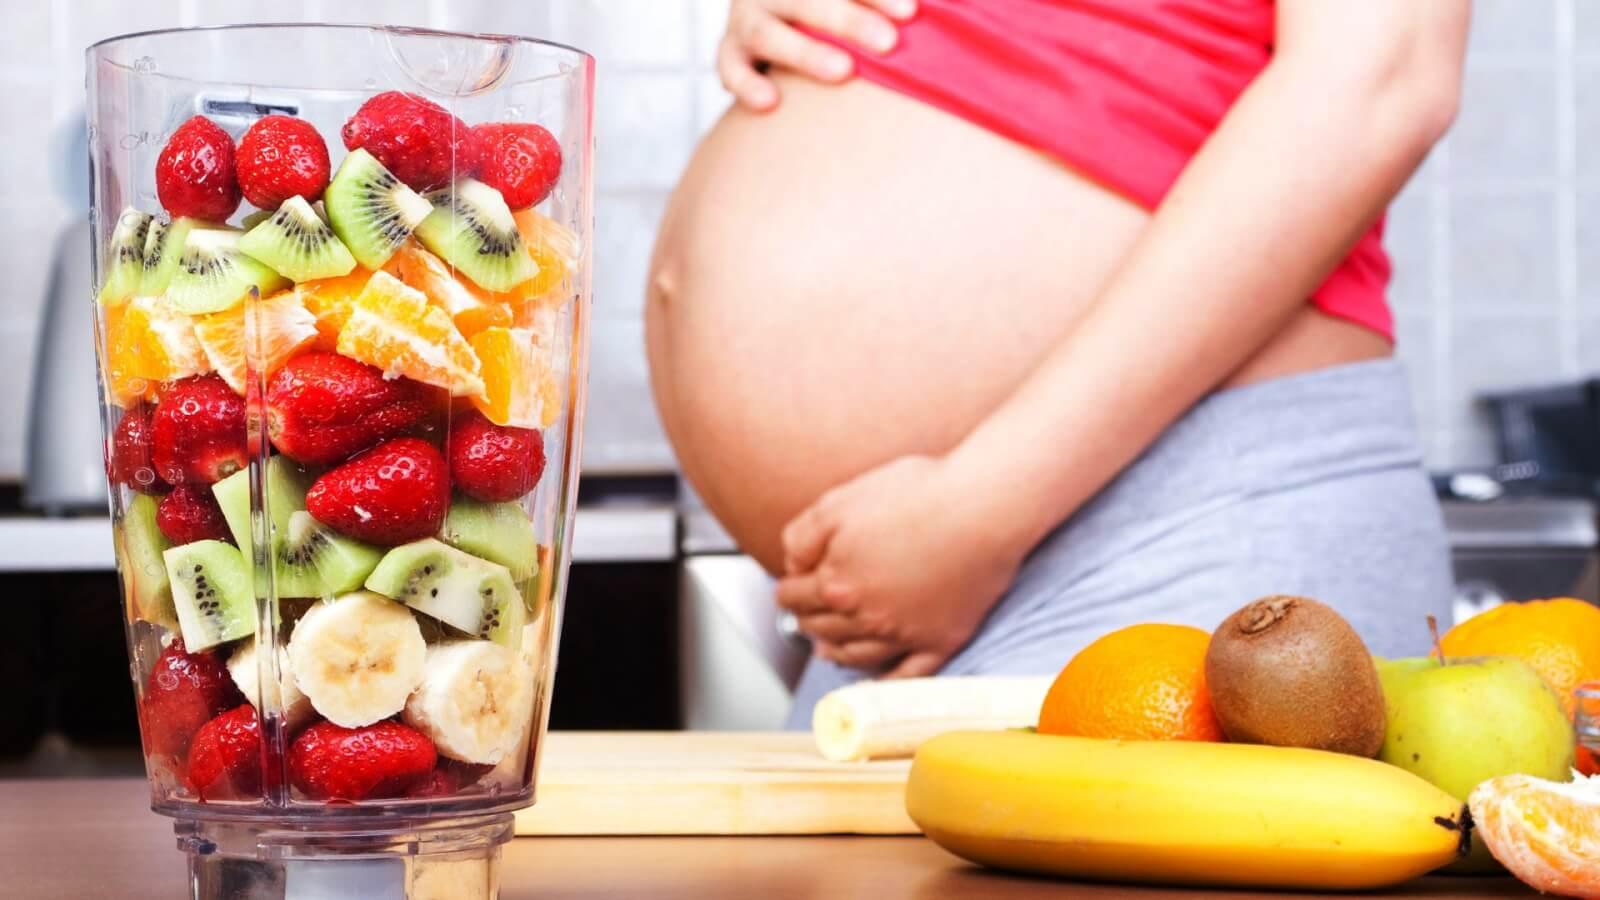 Фрукты при беременности – витаминный заряд для здоровья будущих мам и малышей